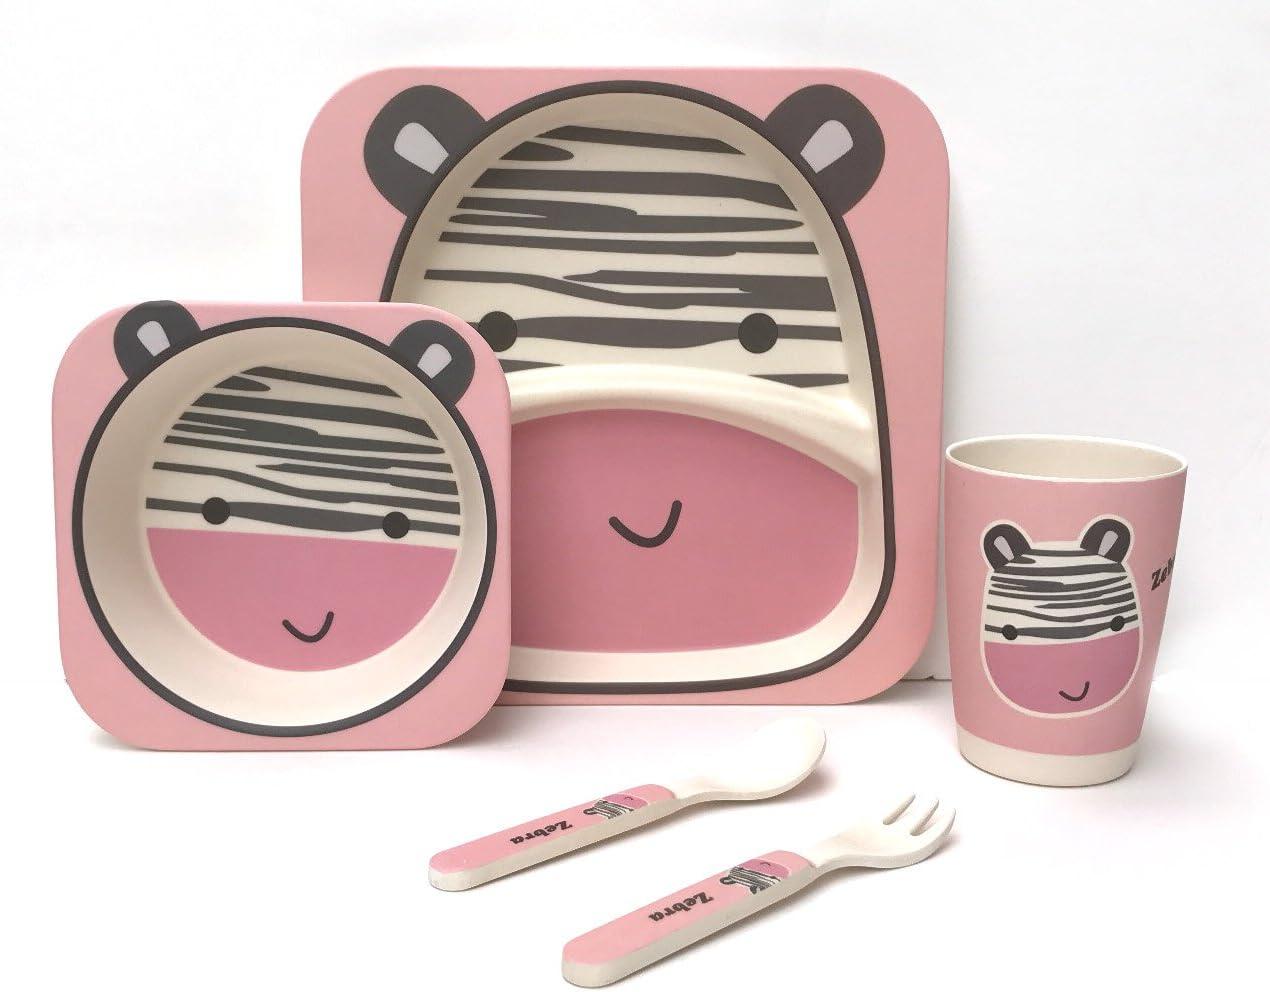 Juego de 5/piezas para comer,/100/% de fibra de bamb/ú Zebra respetuoso con el medio ambiente se puede lavar en el lavavajillas